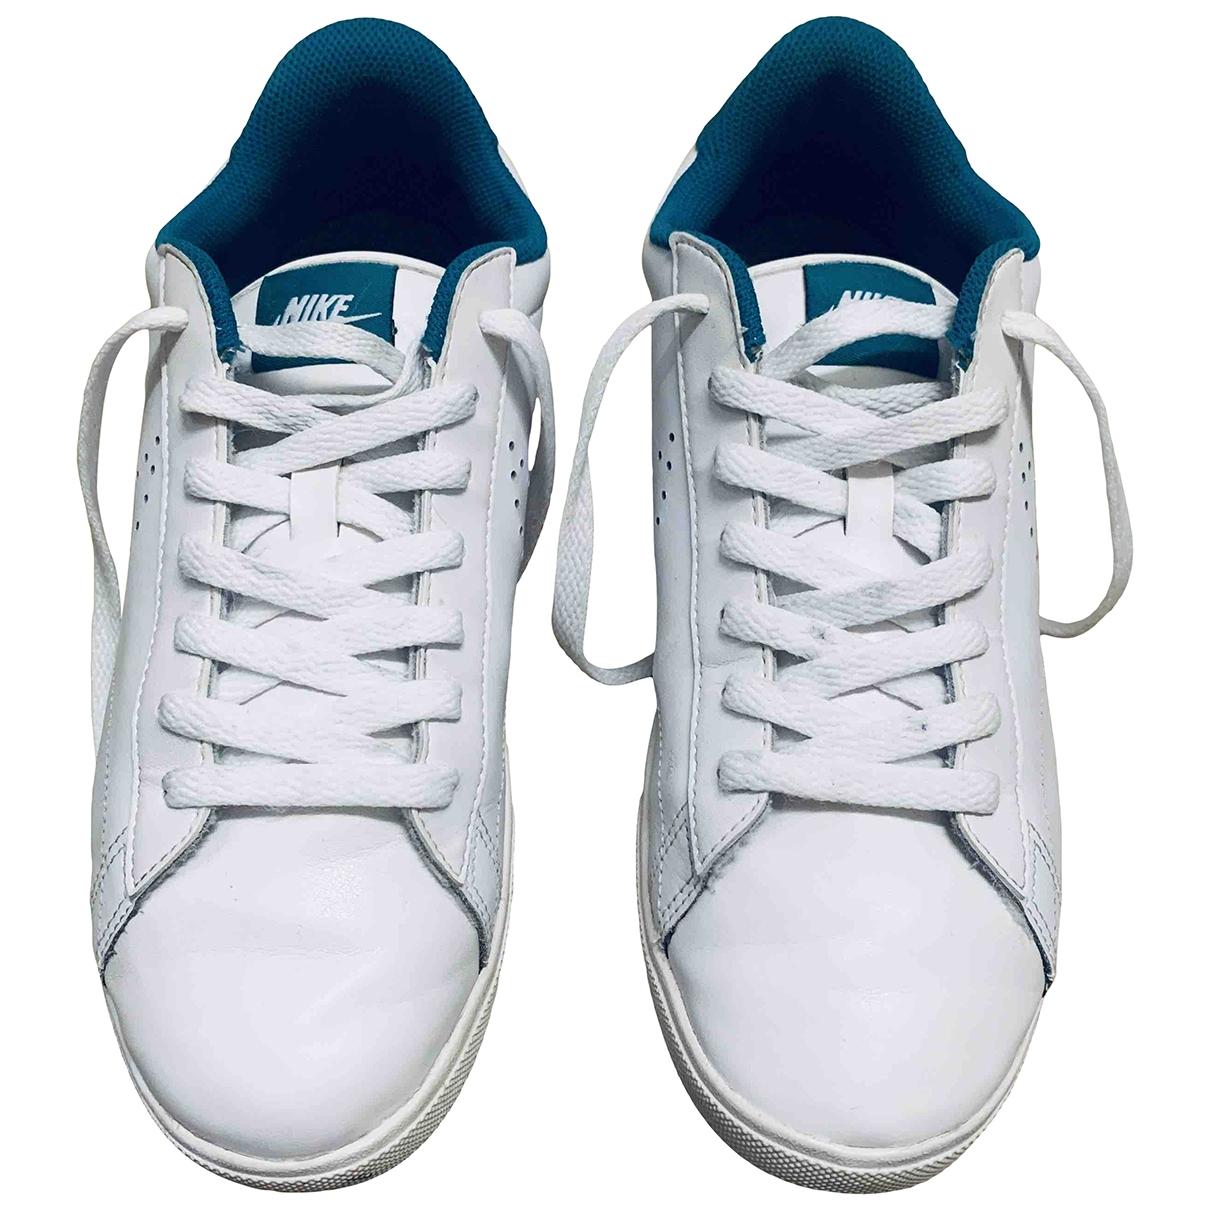 Nike \N Sneakers in  Weiss Lackleder